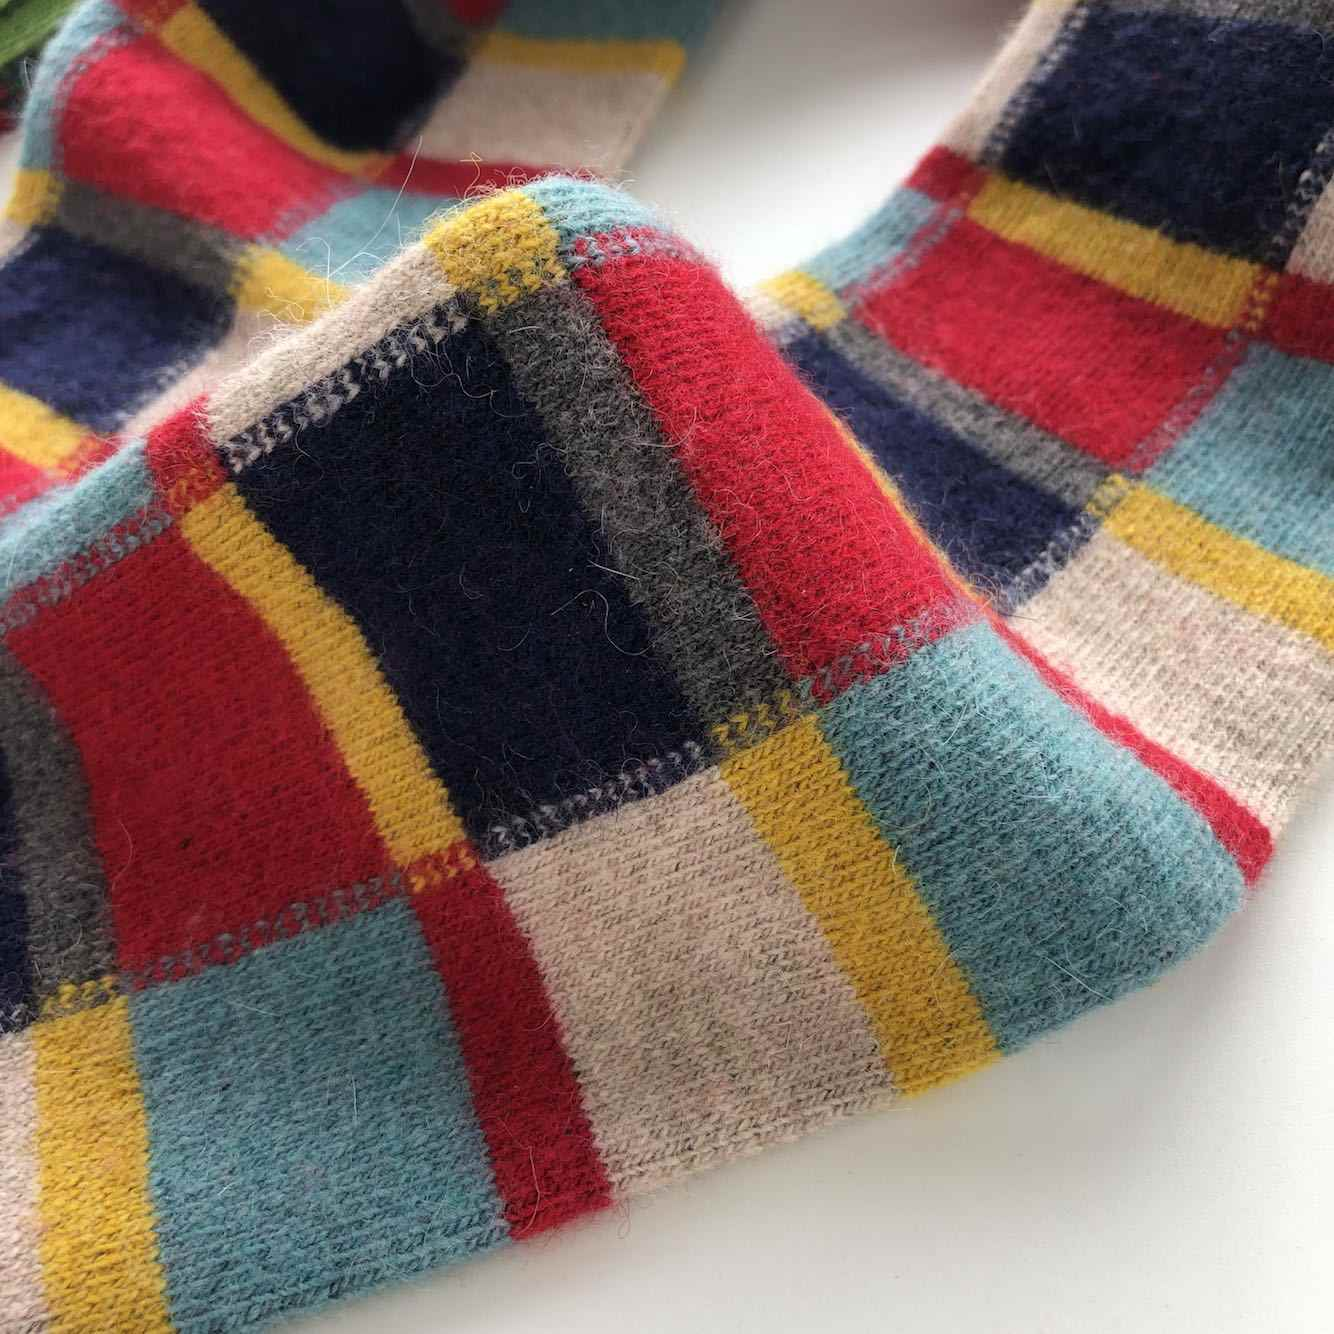 Moda 4 kolory Plaid ciepłe getry zimowe futro z wełny z dzianiny legginsy długie ponad kolana wysokie buty Sox Beenwarmers BAC423